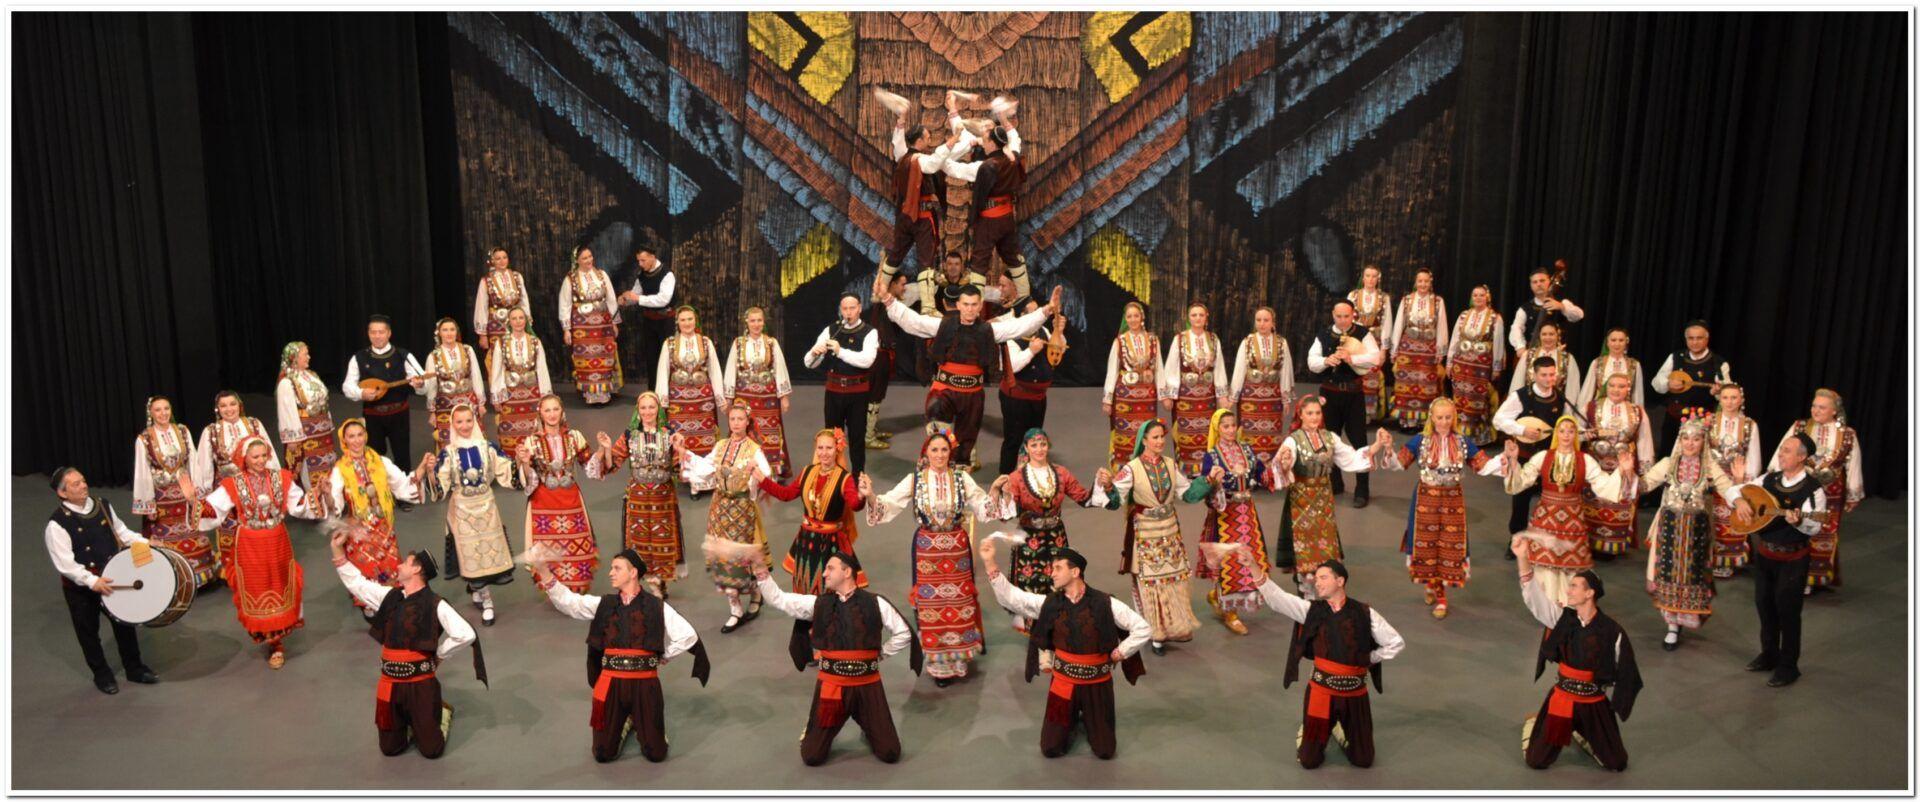 Фолклорен ансамбъл - поклон, сцена, публика